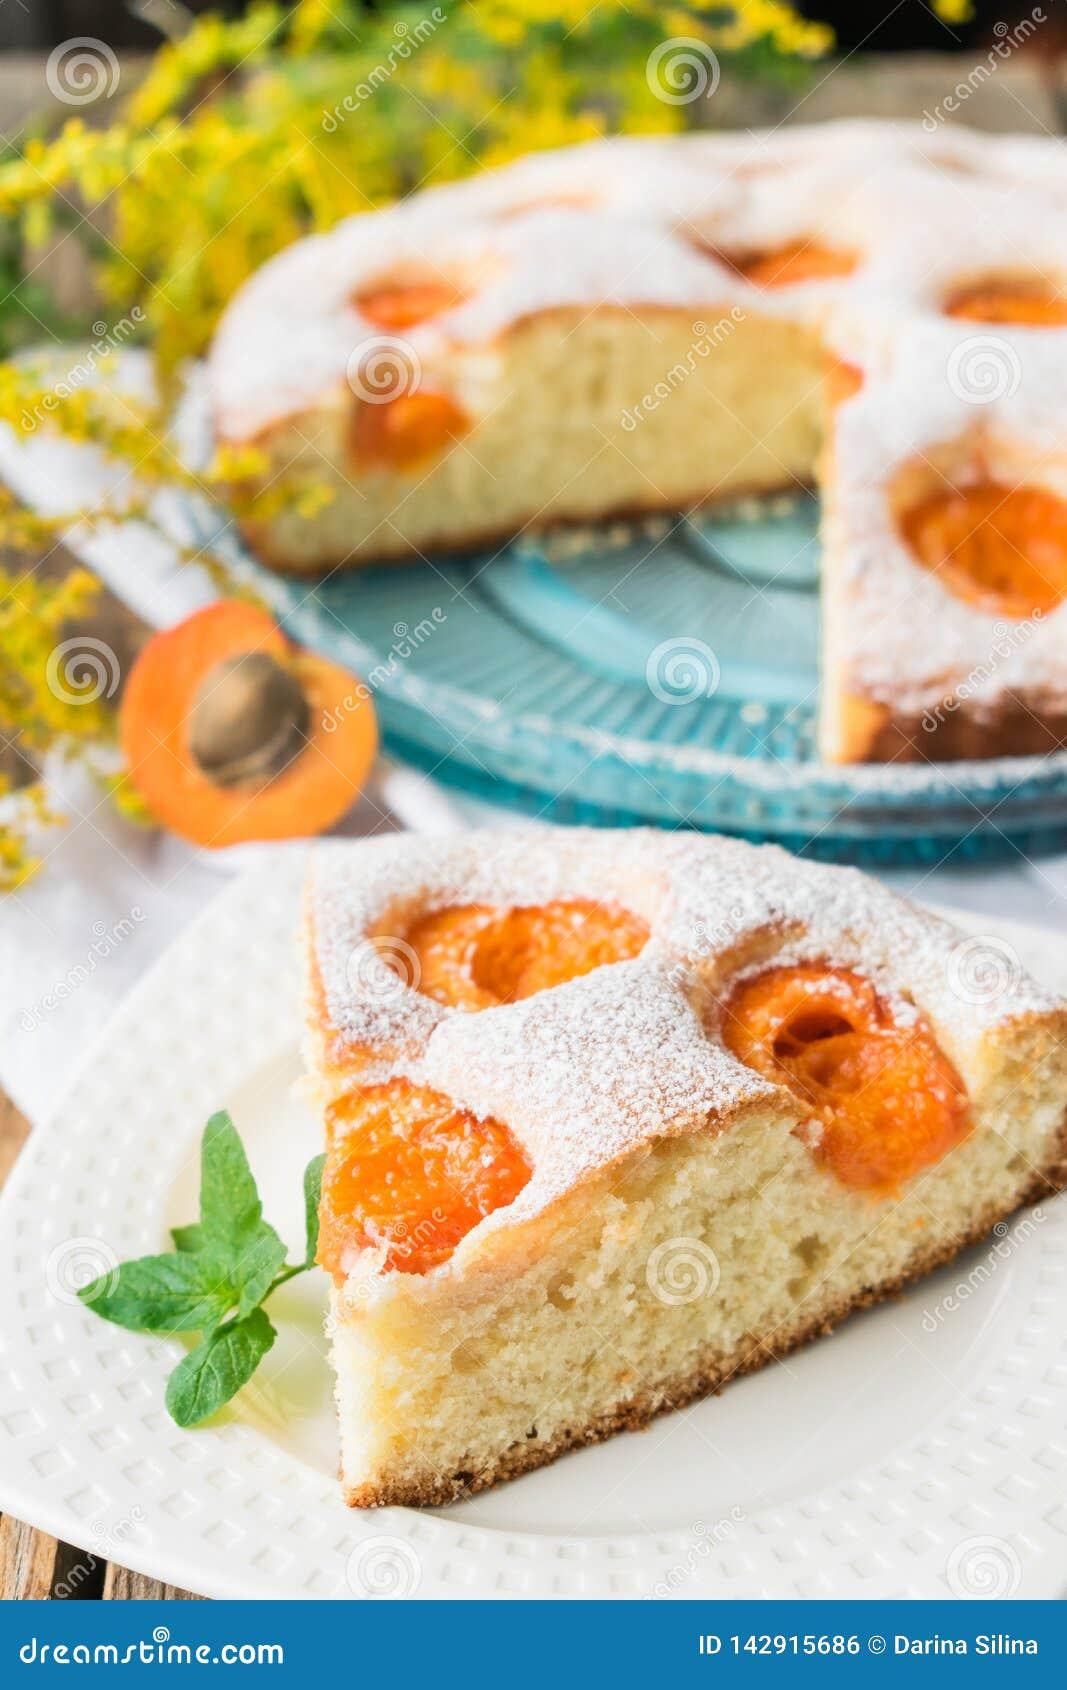 Keks mit Aprikosen Süßer Kuchen mit frischer Frucht Ein Stück des Kuchens mit Aprikosen auf einer Platte